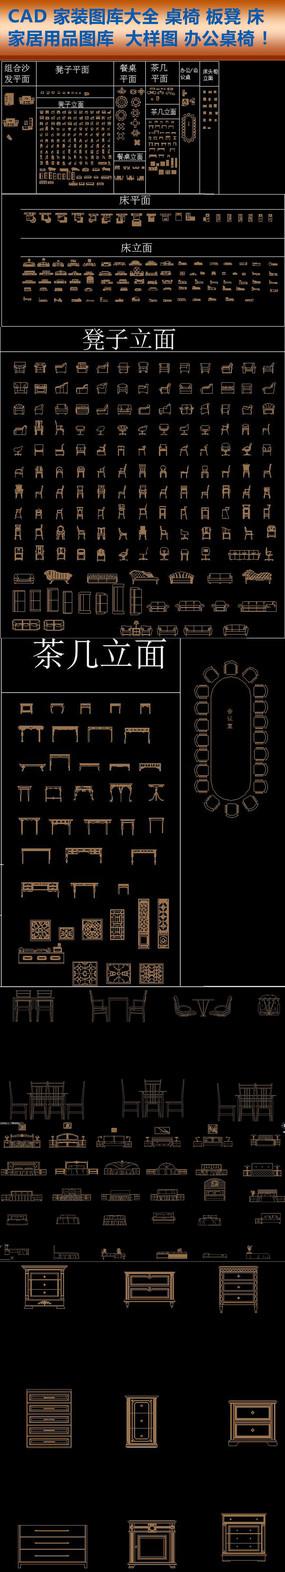 CAD很全家具图库家居用品